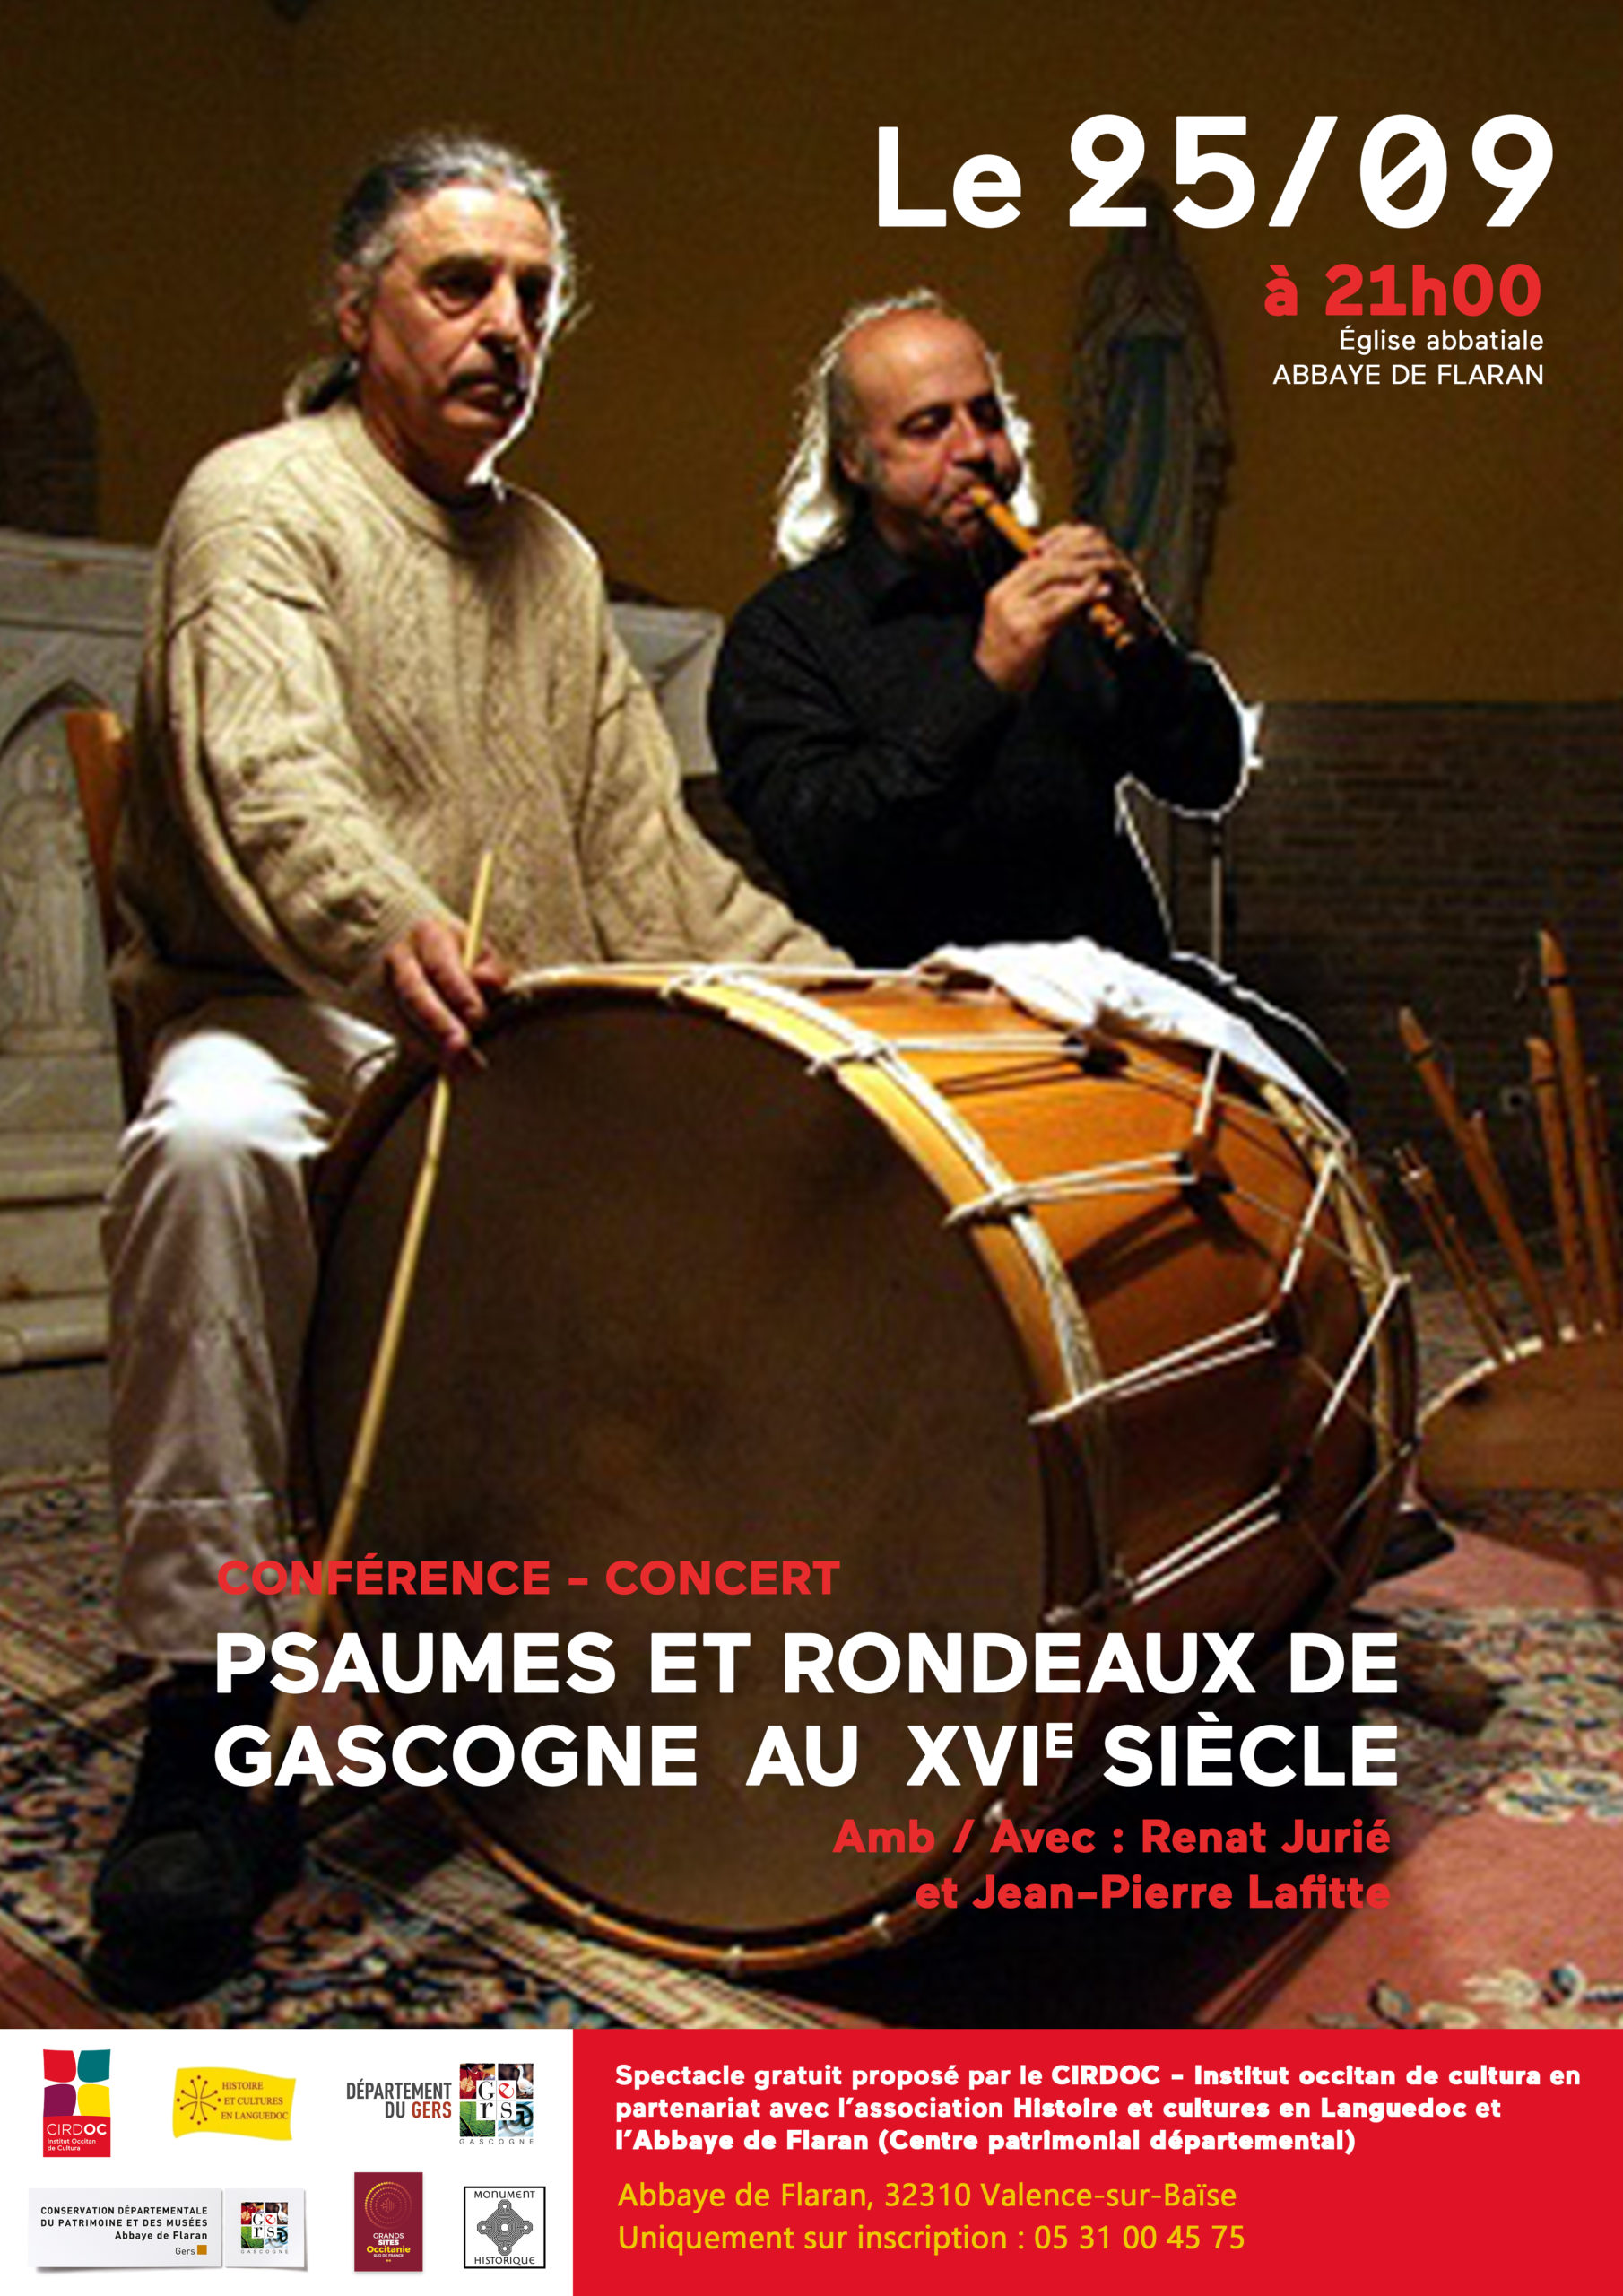 « Psaumes et rondeaux de Gascogne au XVIe siècle » - Concert de Renat Jurié et Jean-Pierre Lafitte